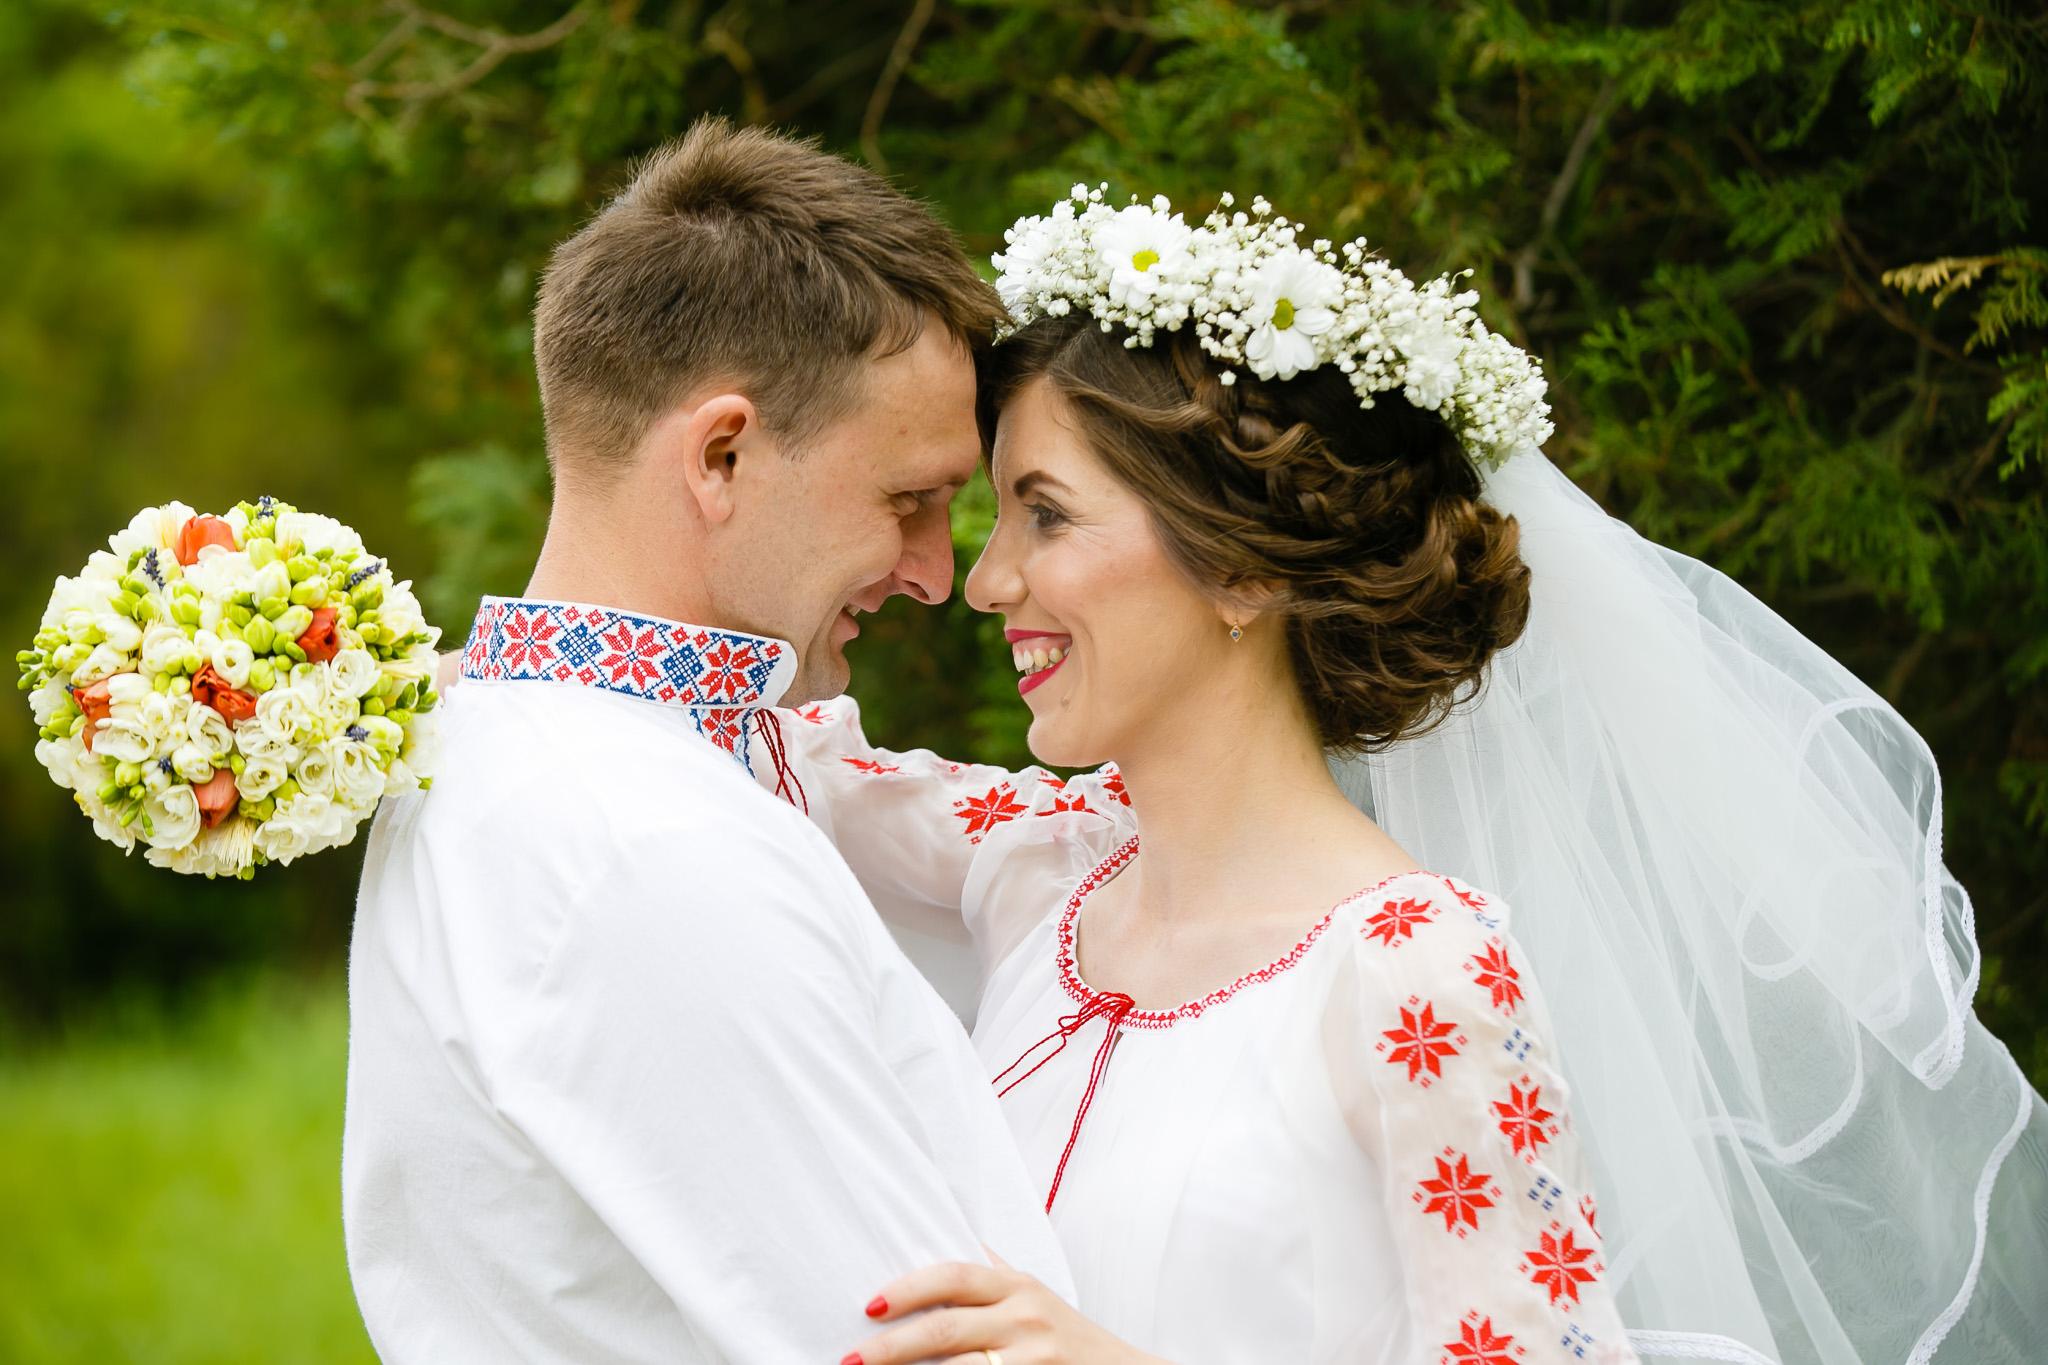 Nuntă tradițională Elisabeta și Alexandru fotograf profesionist nunta Iasi www.paulpadurariu.ro © 2018 Paul Padurariu fotograf de nunta Iasi sedinta foto miri 1